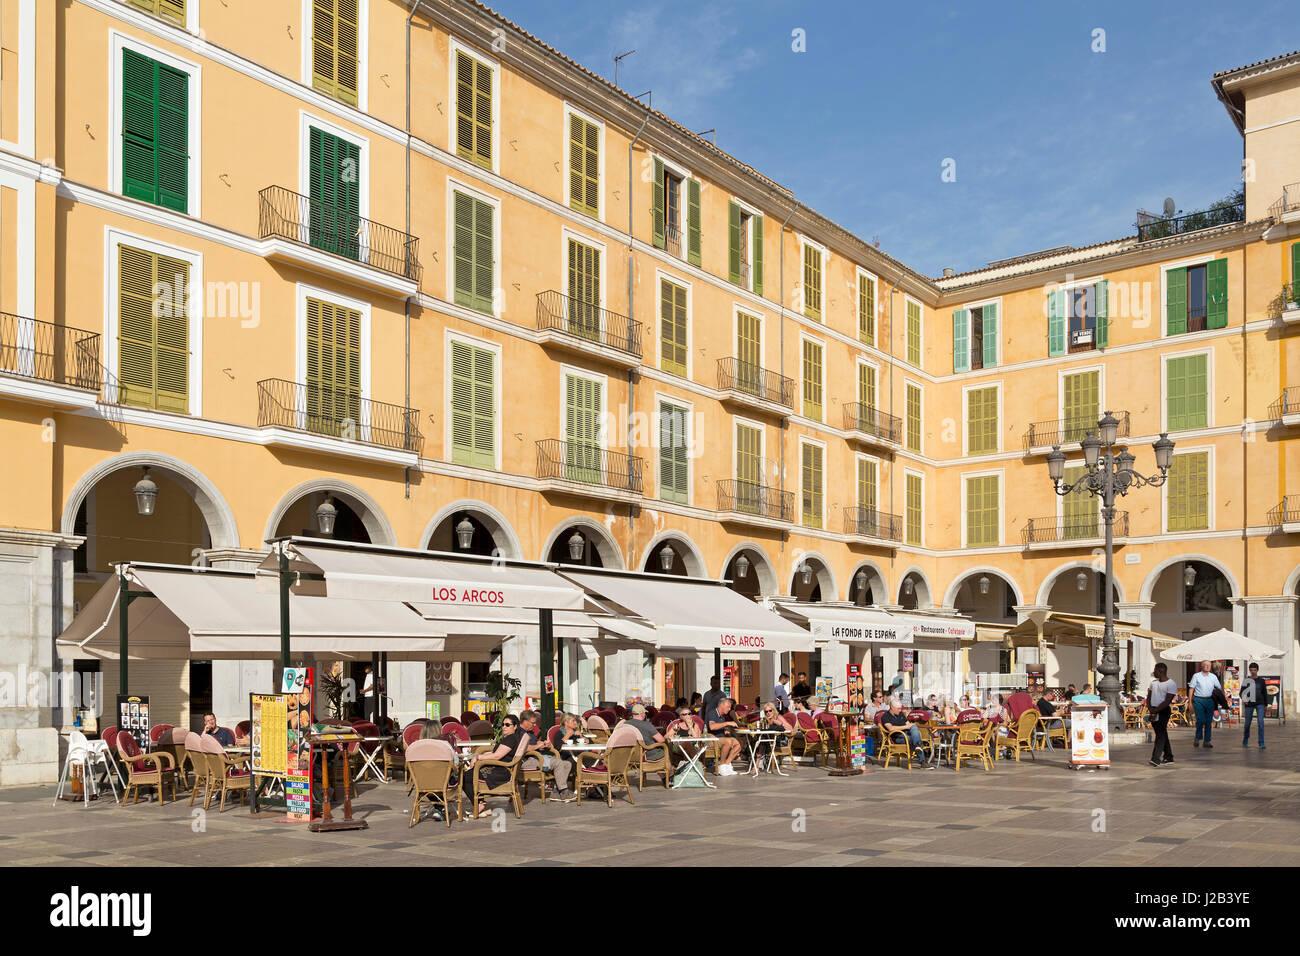 Placa Major in Palma de Mallorca, Spain Stock Photo